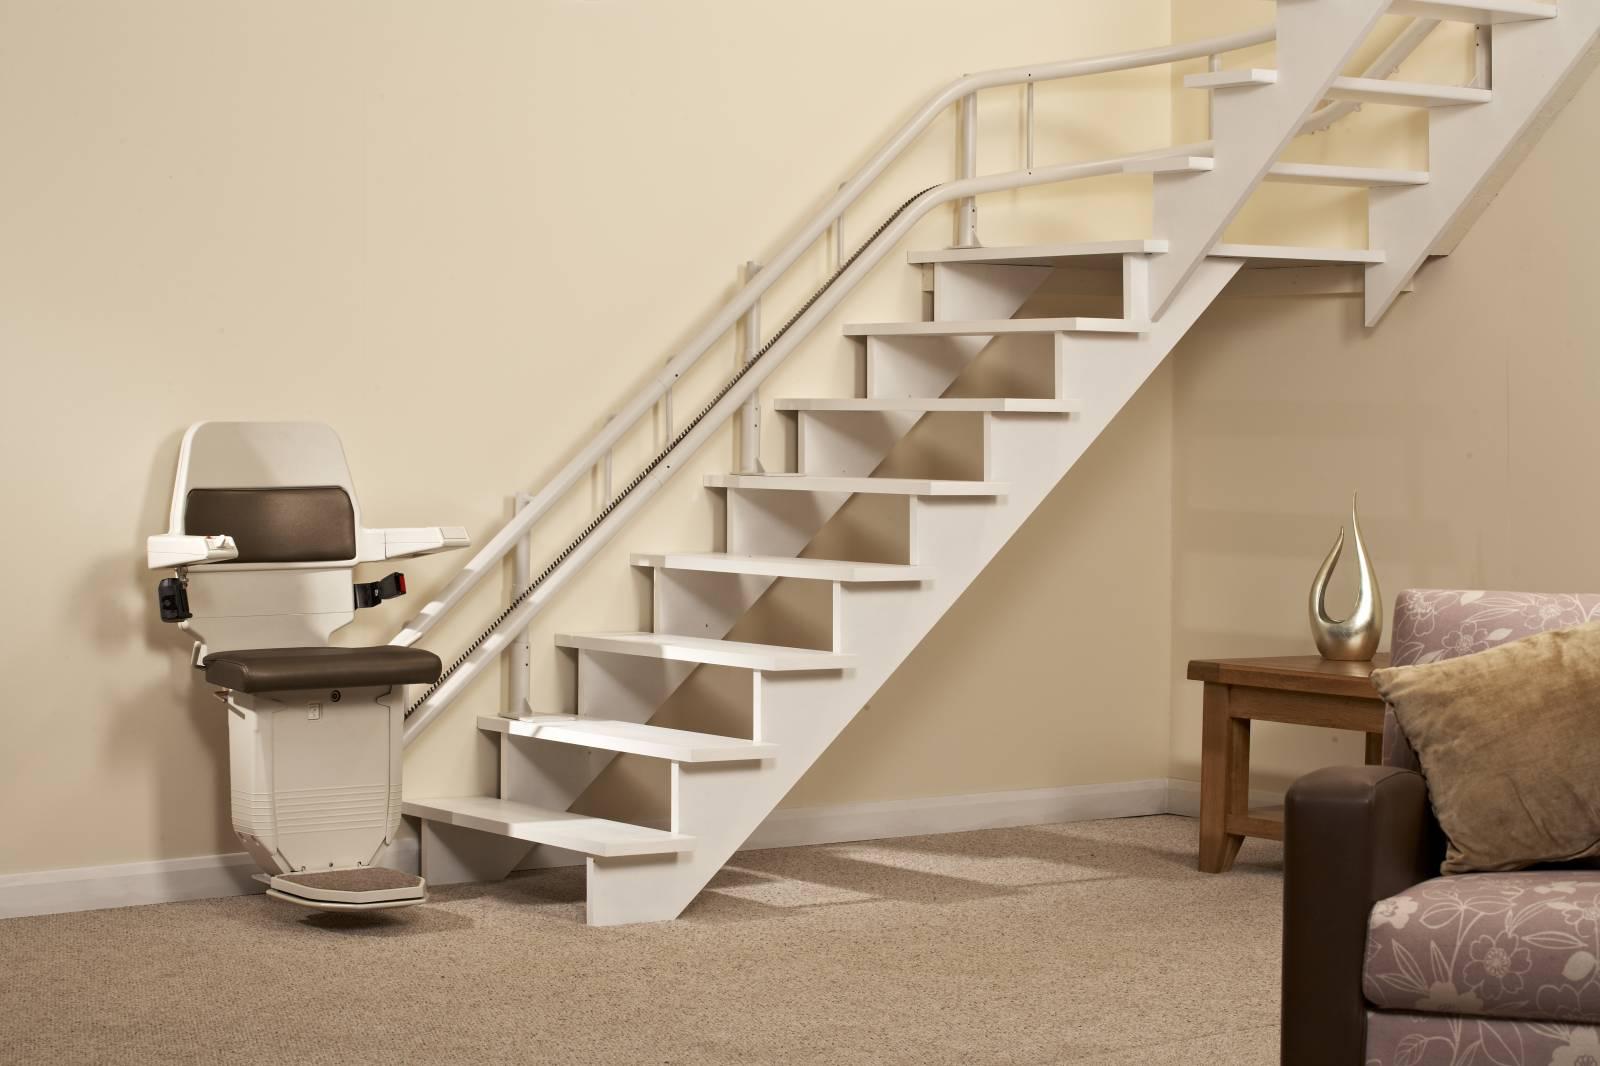 monte escalier tournant aix en provence installation de fauteuil monte escalier aix en. Black Bedroom Furniture Sets. Home Design Ideas